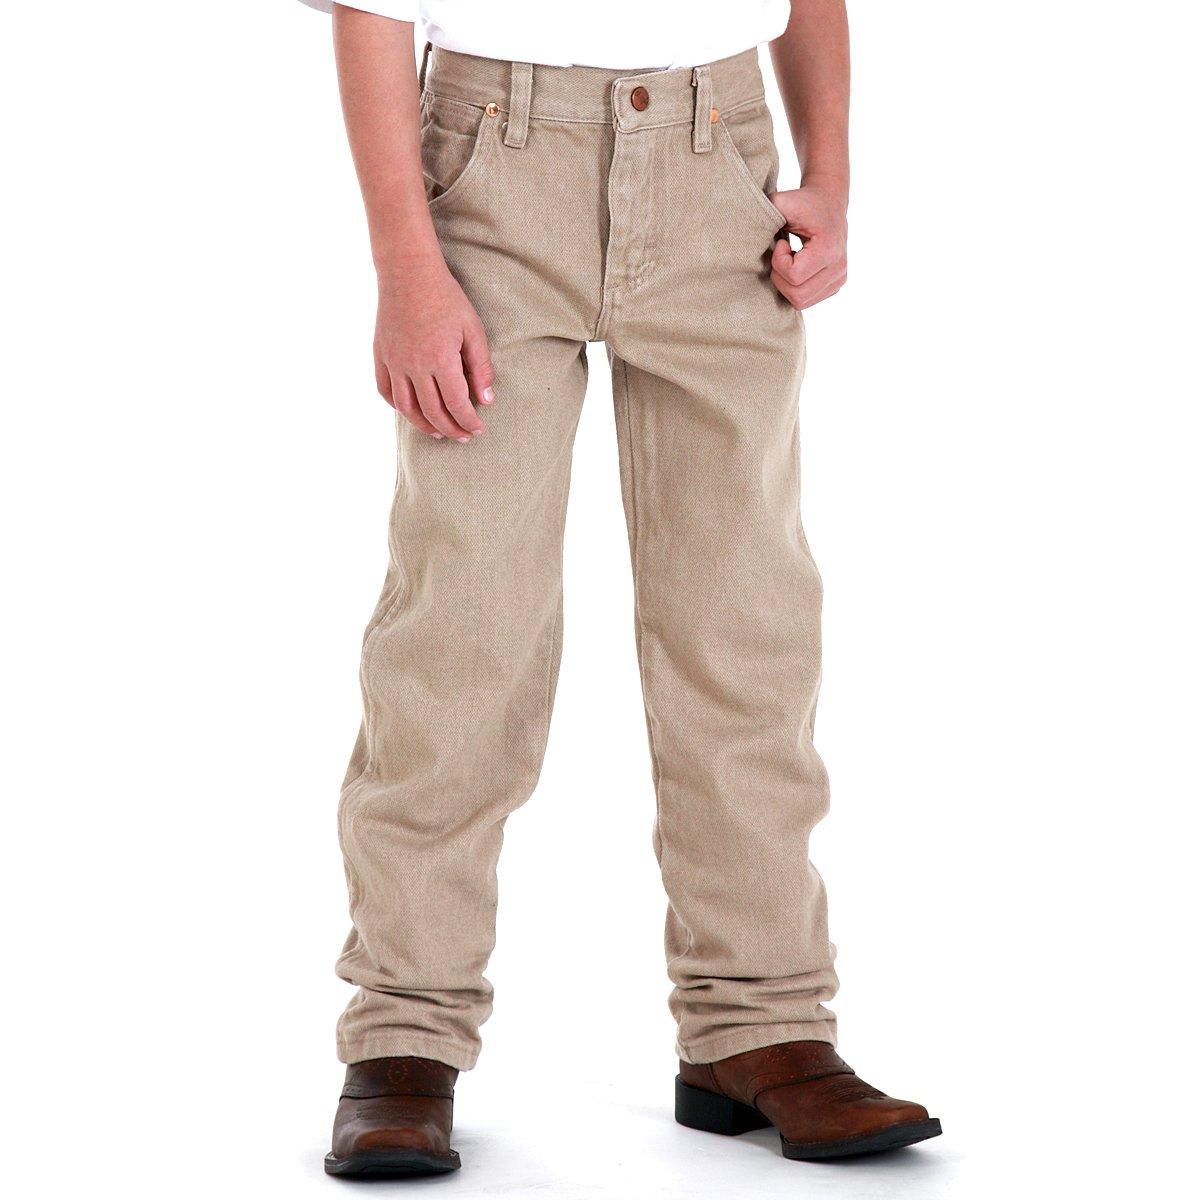 Wrangler Boys' Cowboy Cut Jeans 13MWJDI